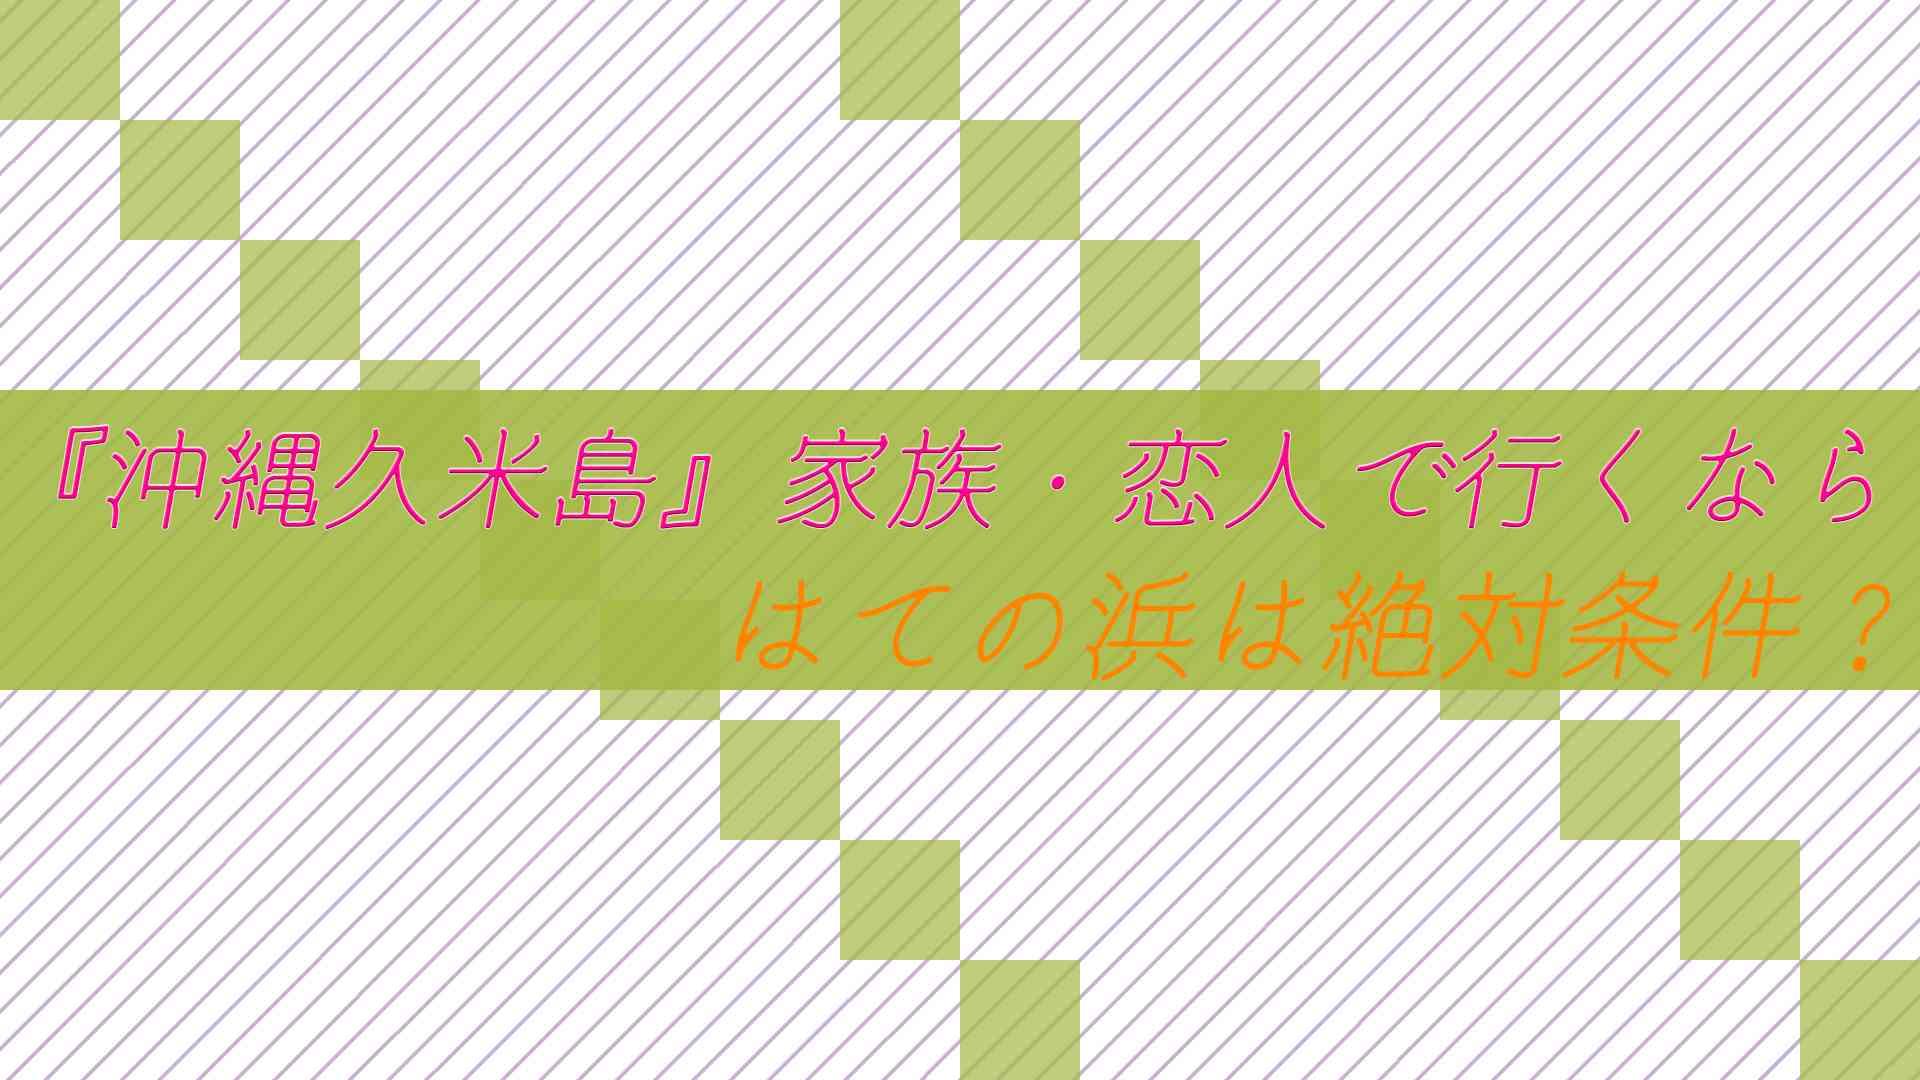 【沖縄久米島旅行】家族・恋人で行くなら はての浜は絶対条件?